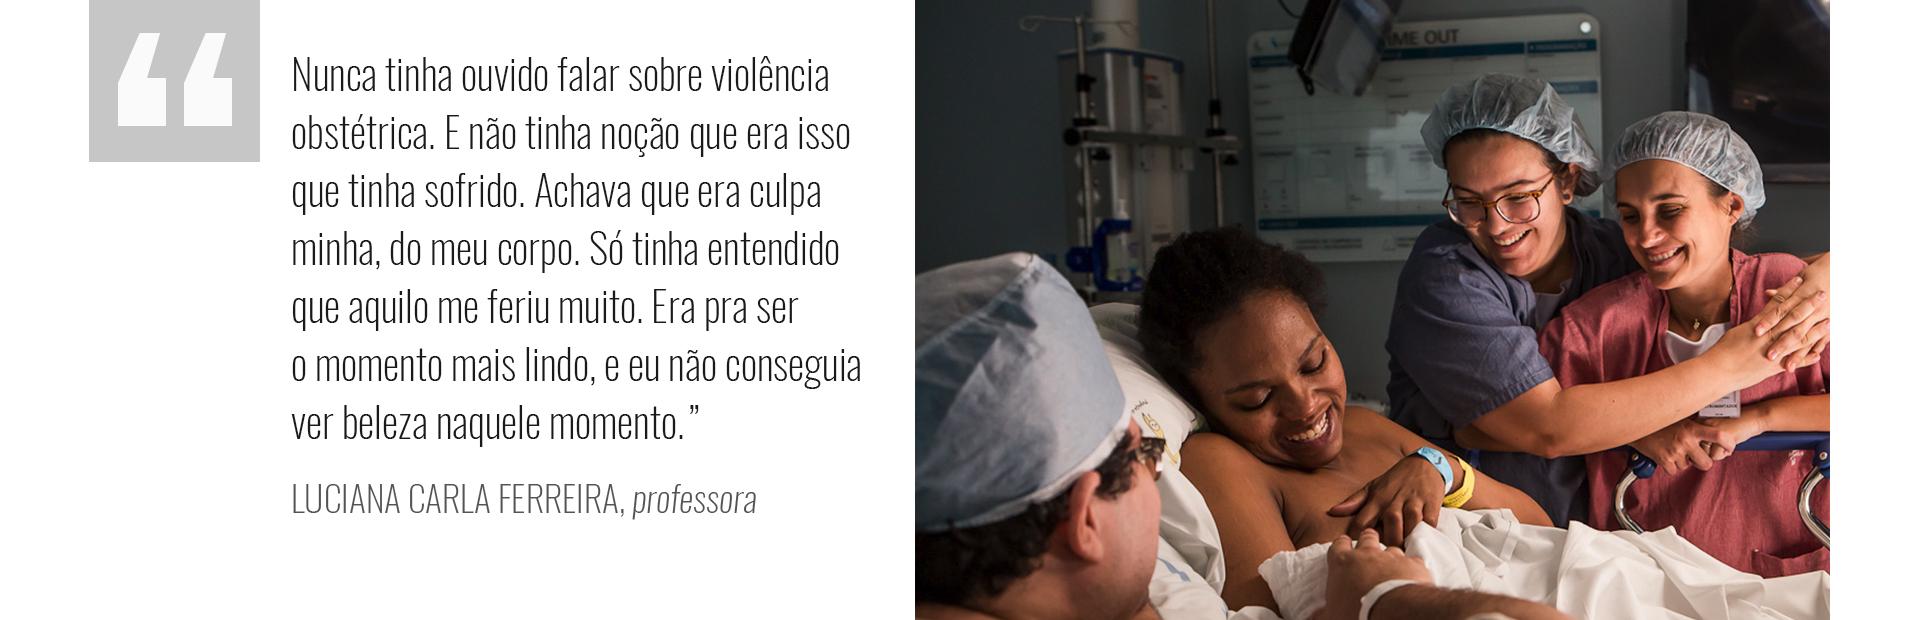 Lela Betrão/Arquivo Pessoal